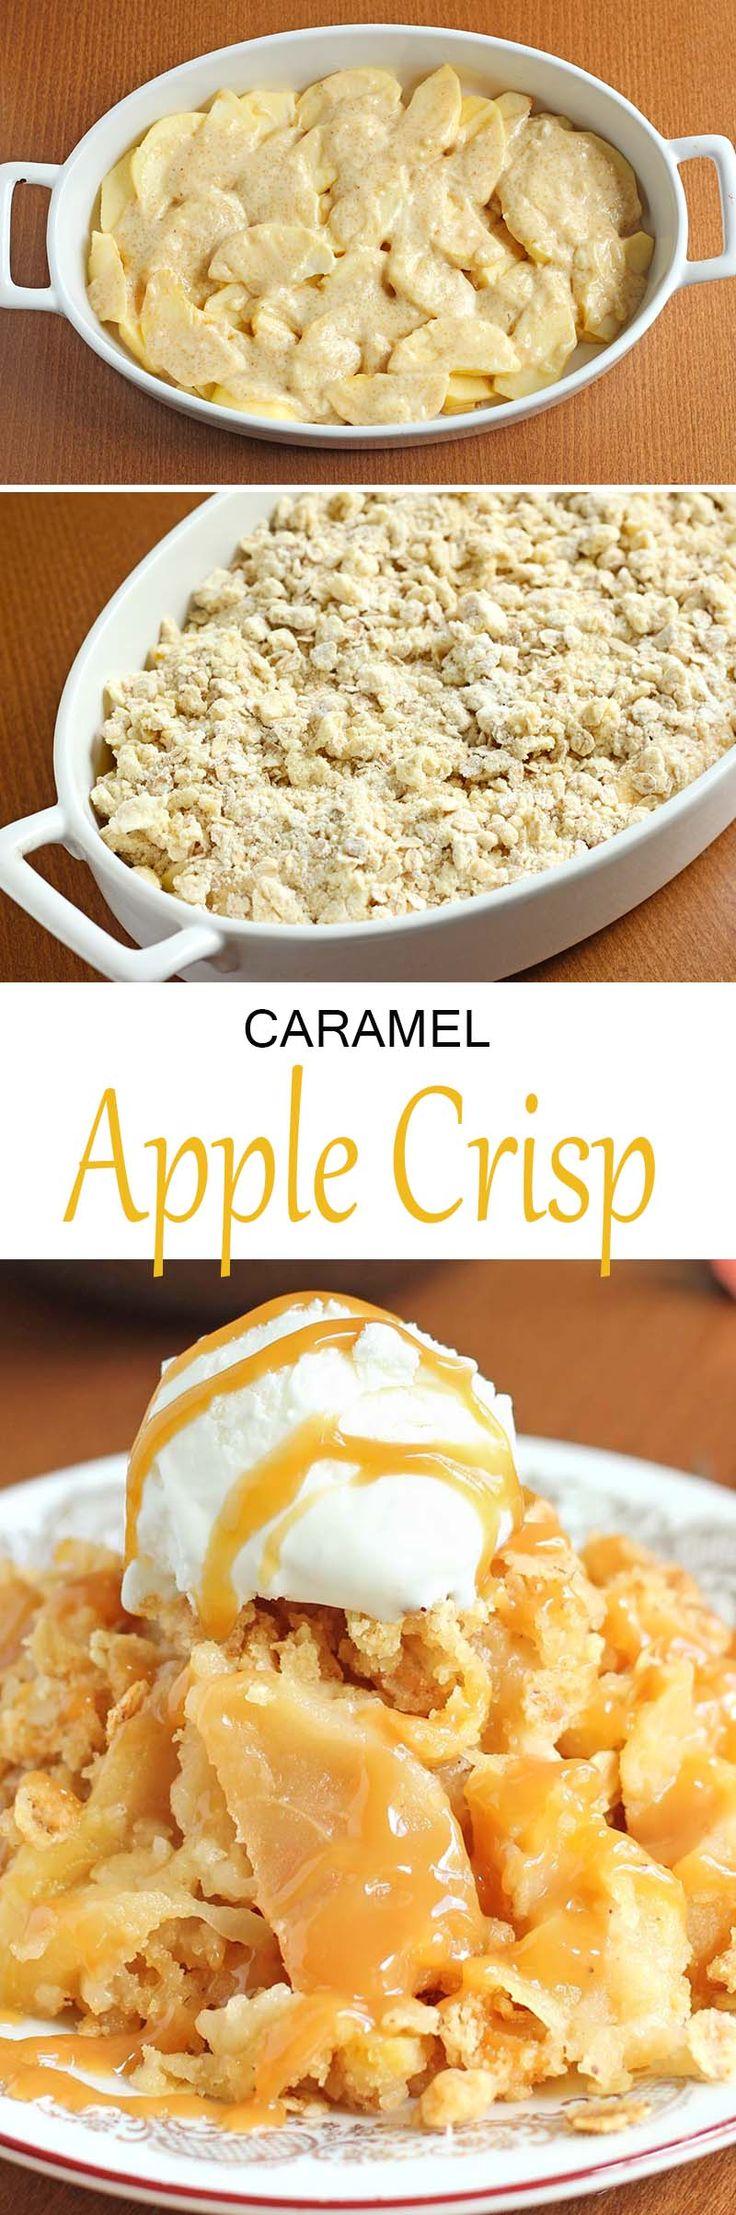 how to make soft caramel apples